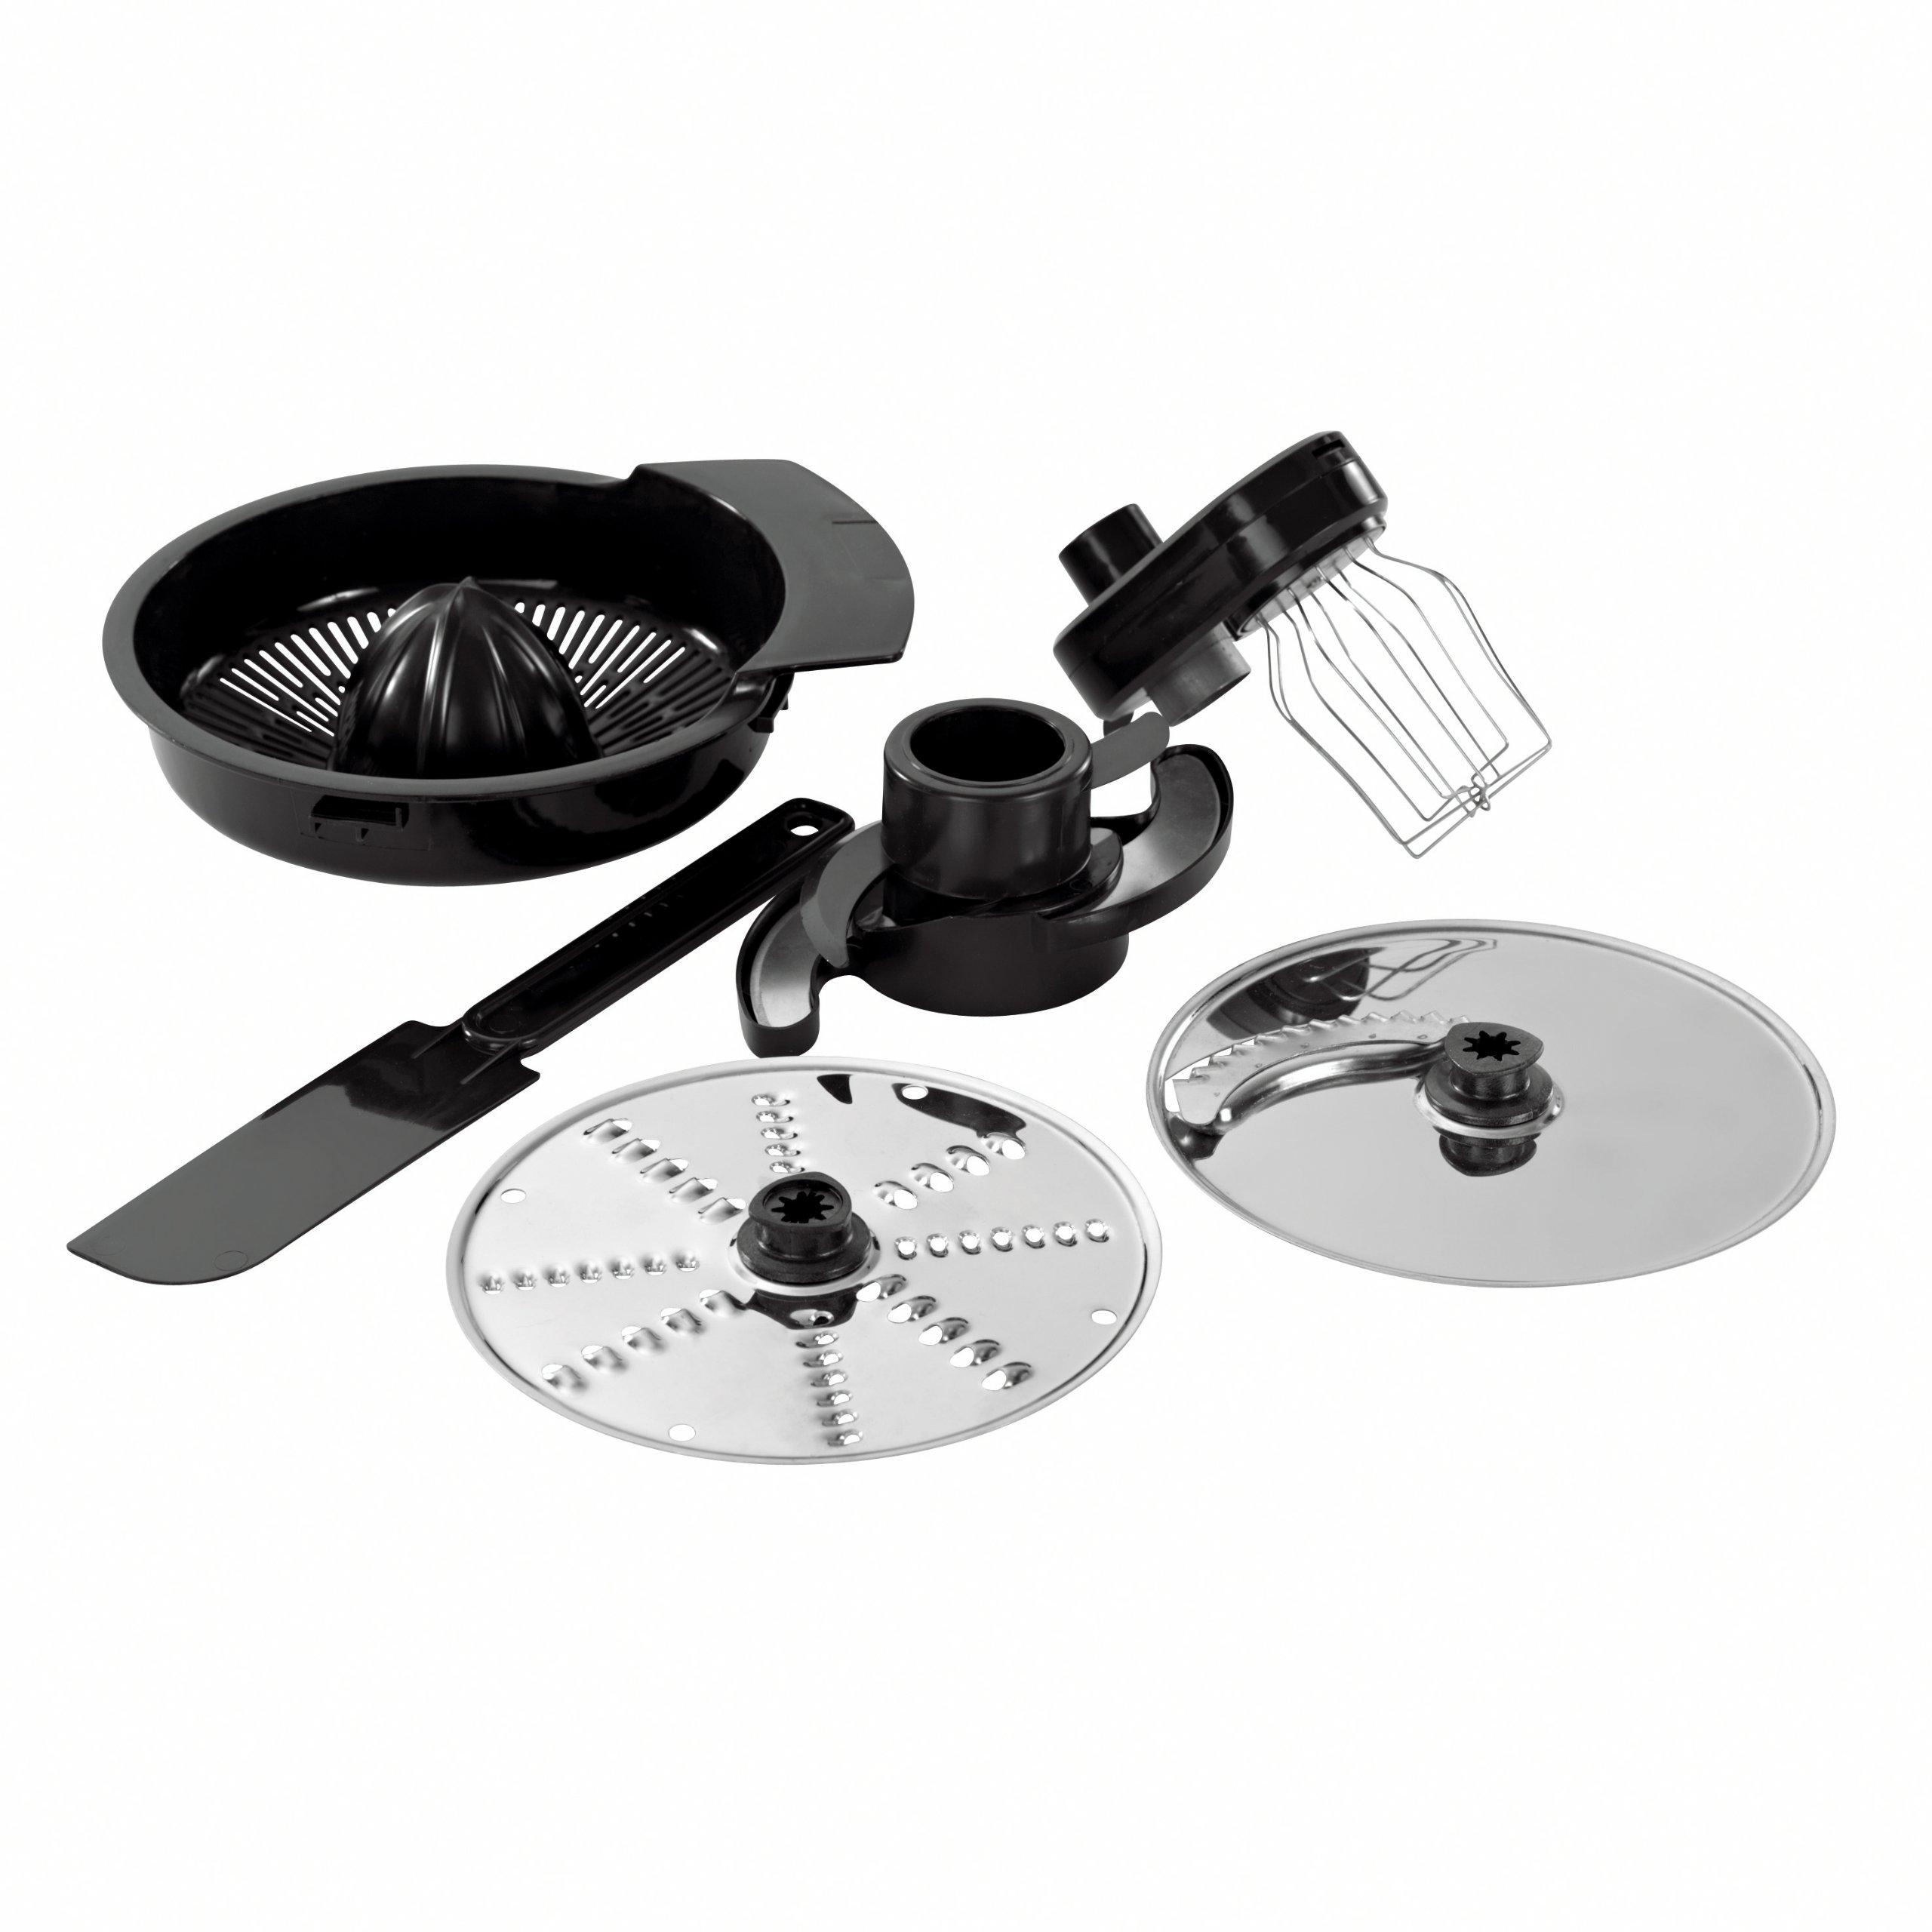 Domoclip dom228 Robot de cocina multifunción: Amazon.es: Hogar